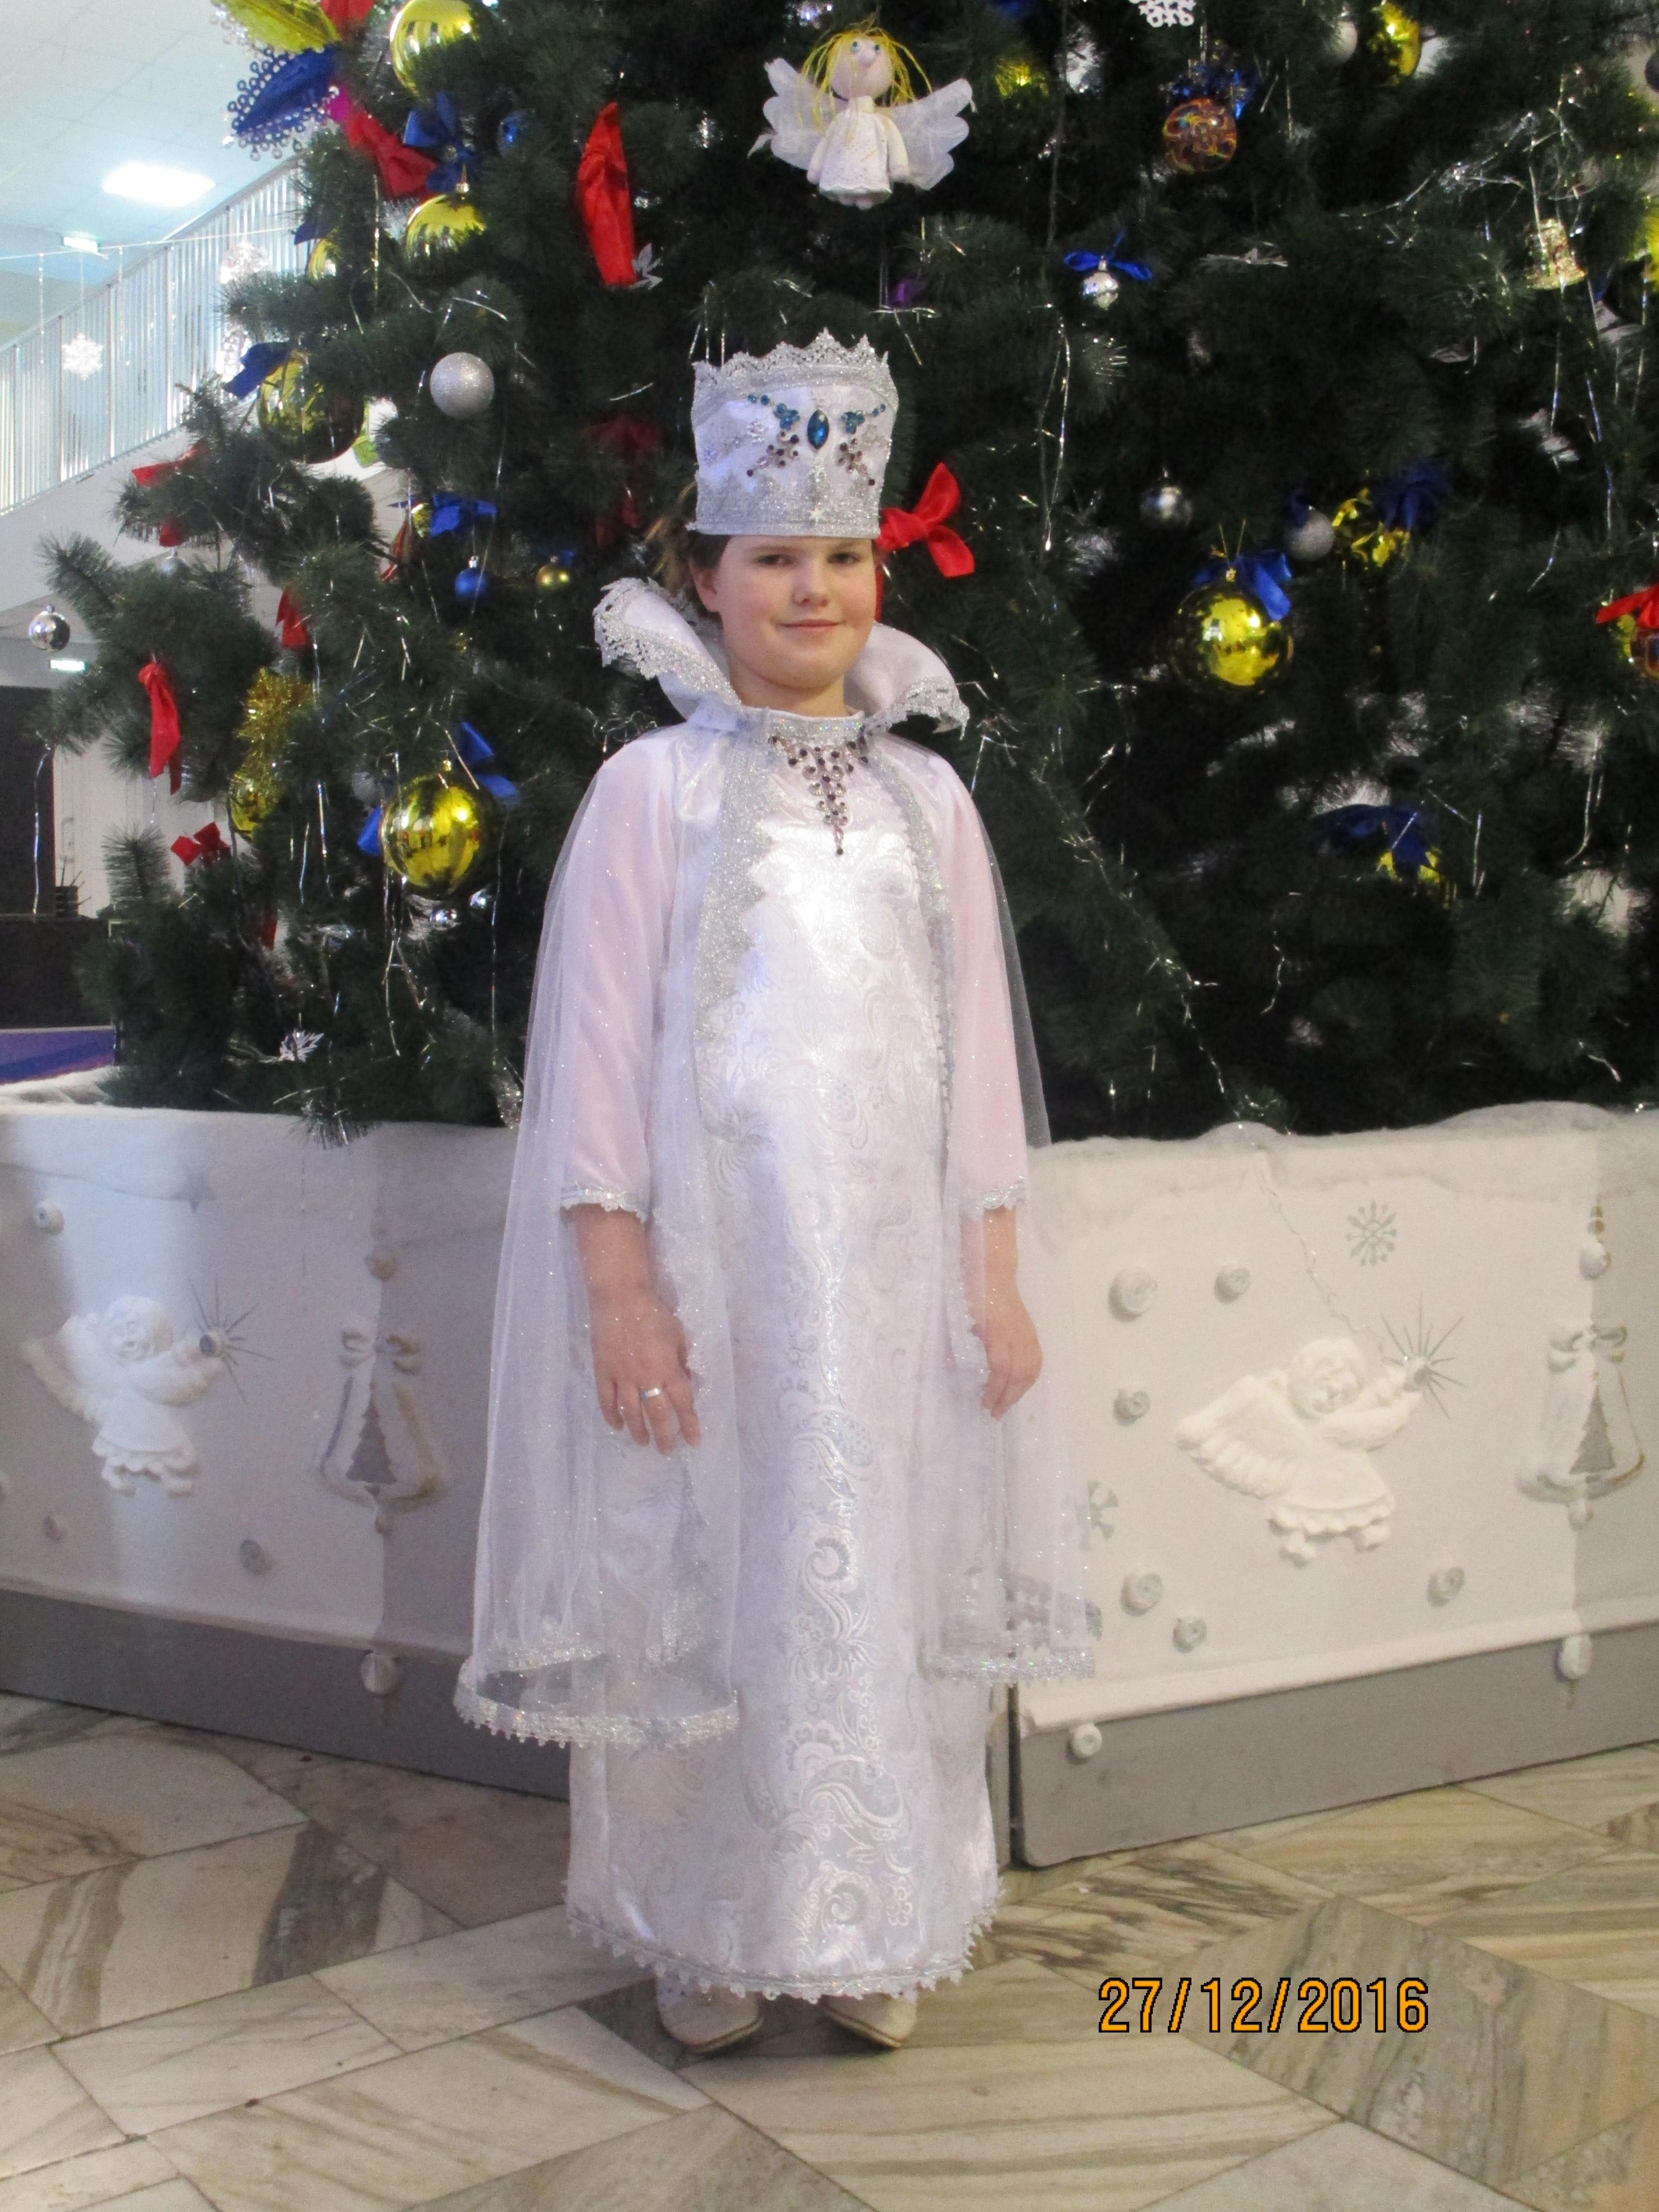 схема корона снежной королевы из картона